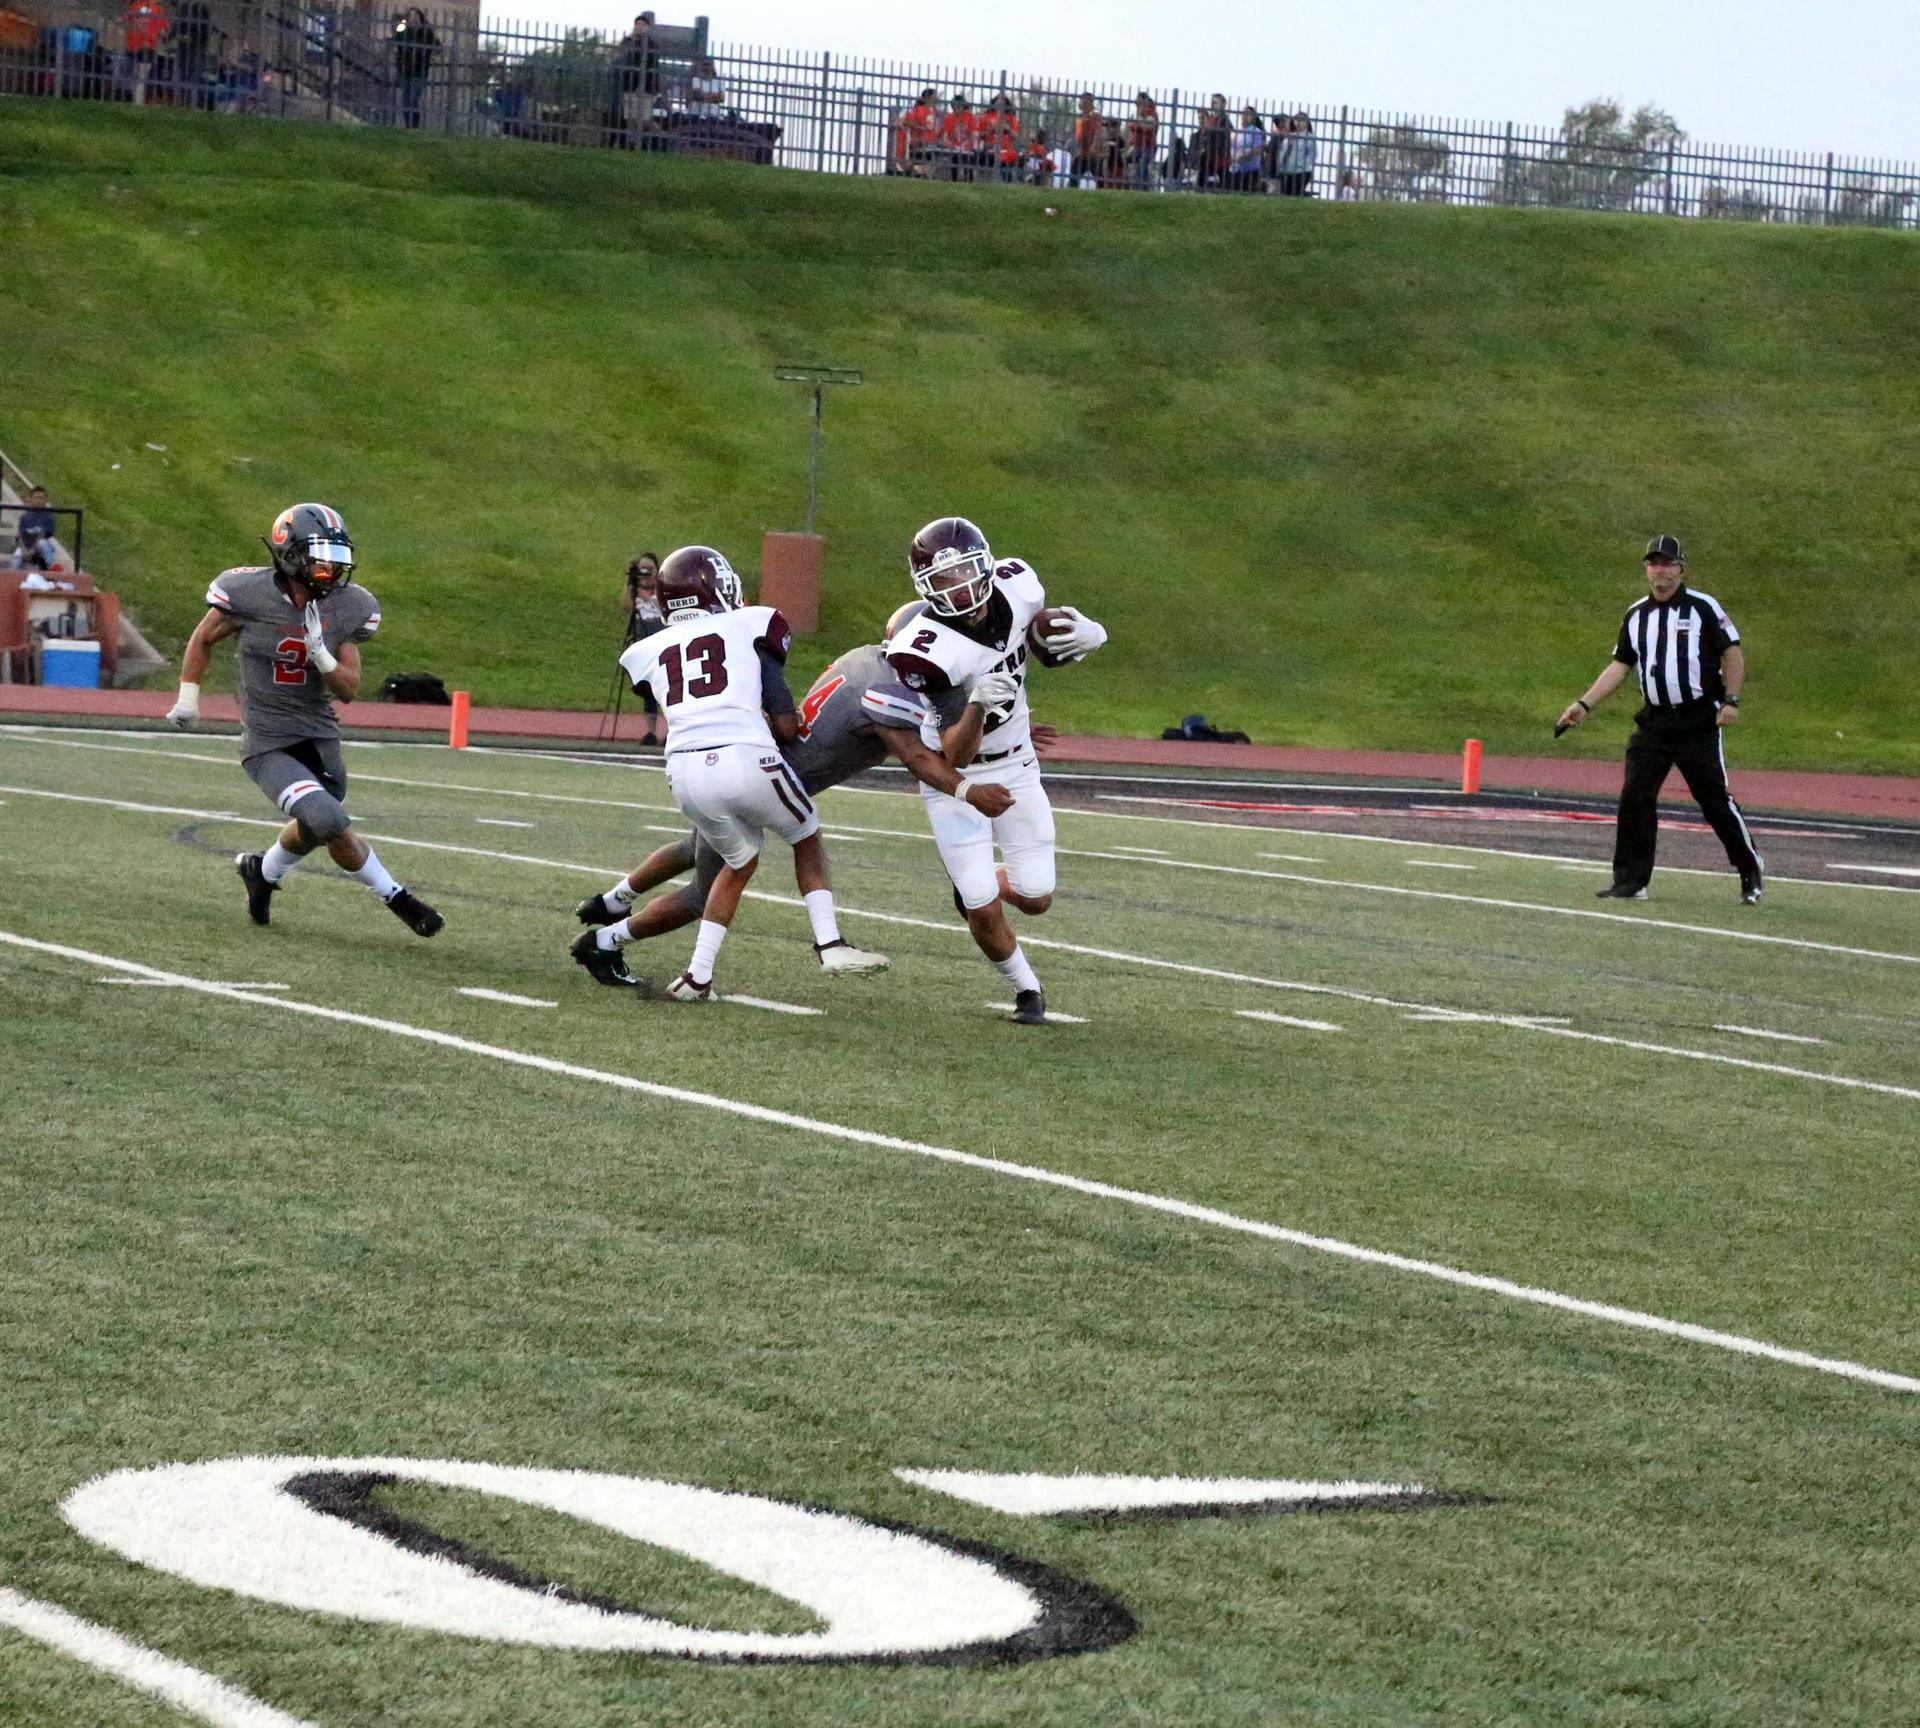 Caprock WIN 40-21